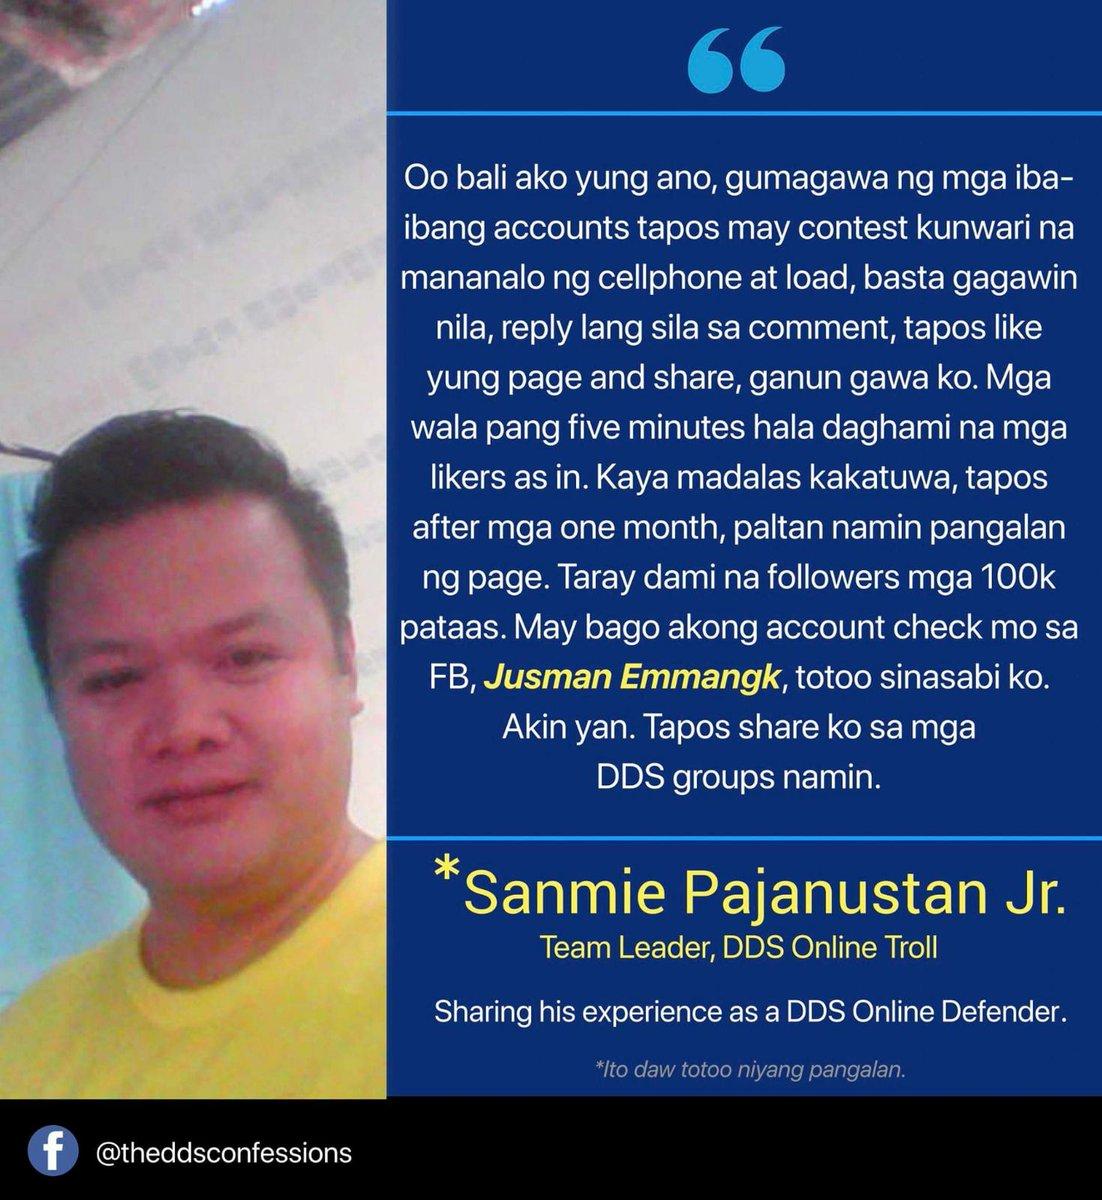 Ctto... 🤬🤬🤬🤬🤬🤬🤬🤬🤬🤬🤬🤬🤬🤬🤬🤬🤬🤬 Mga walang kaluluwang mga nilalang...🤮